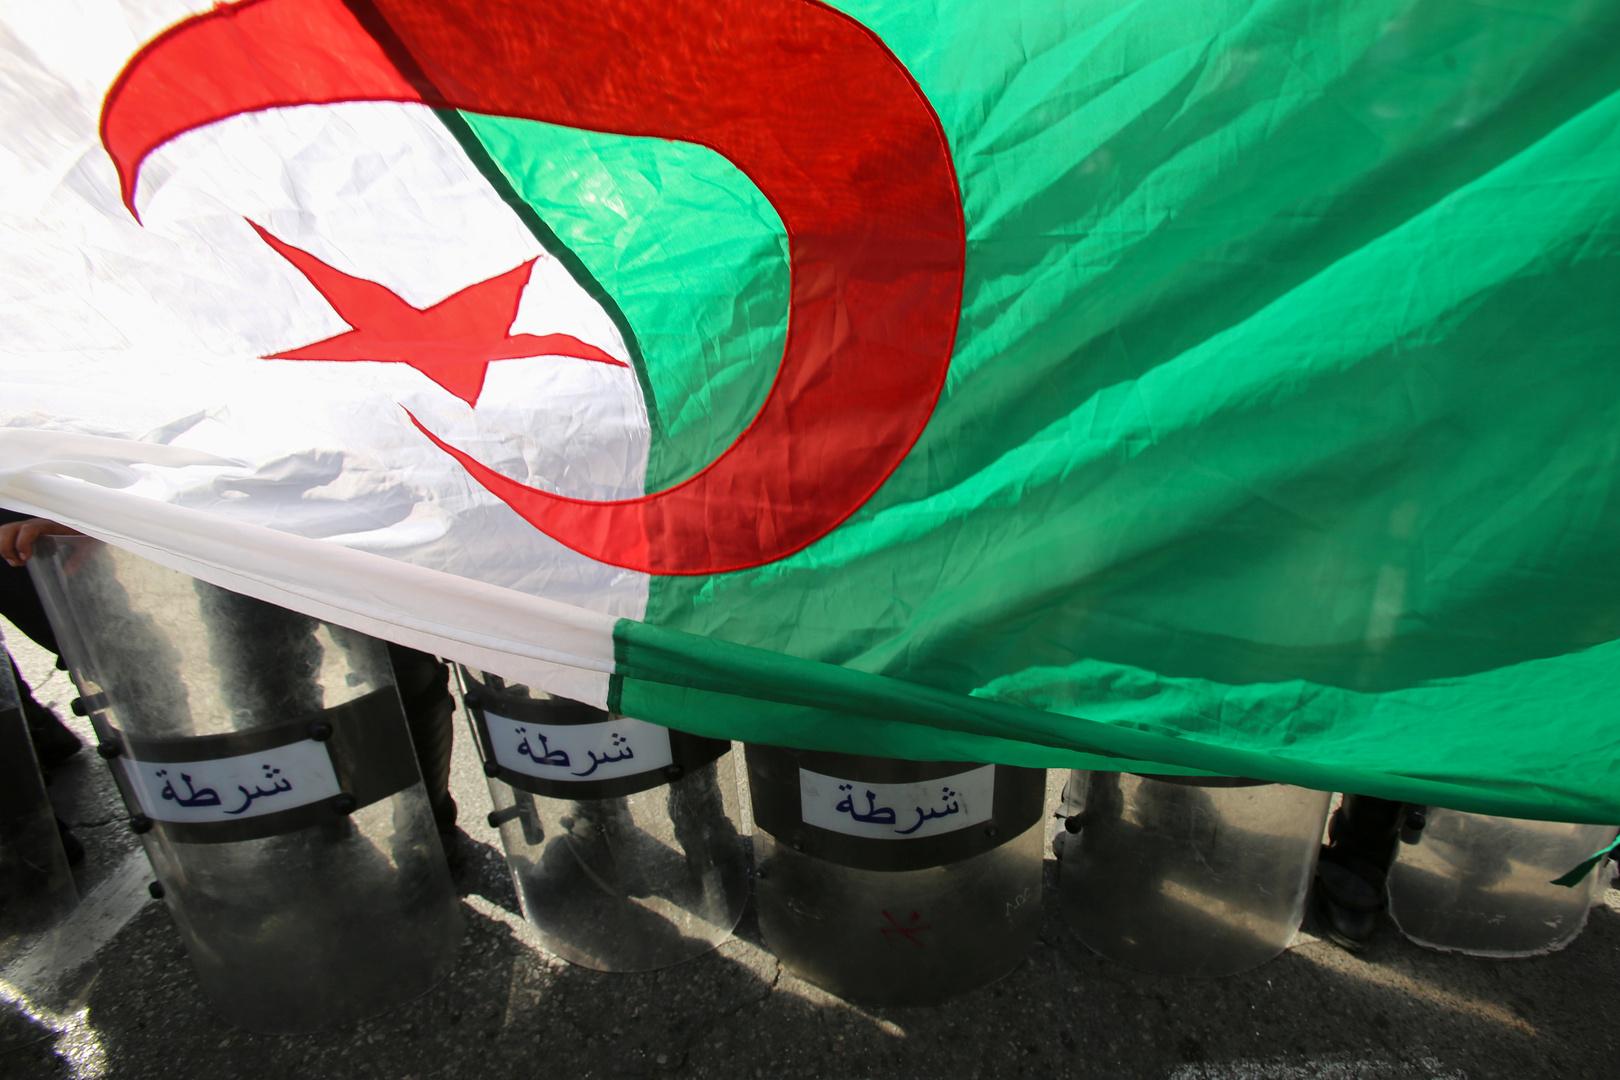 الجزائر تعلن إفشال مخطط مؤامرة تعود إلى 2014